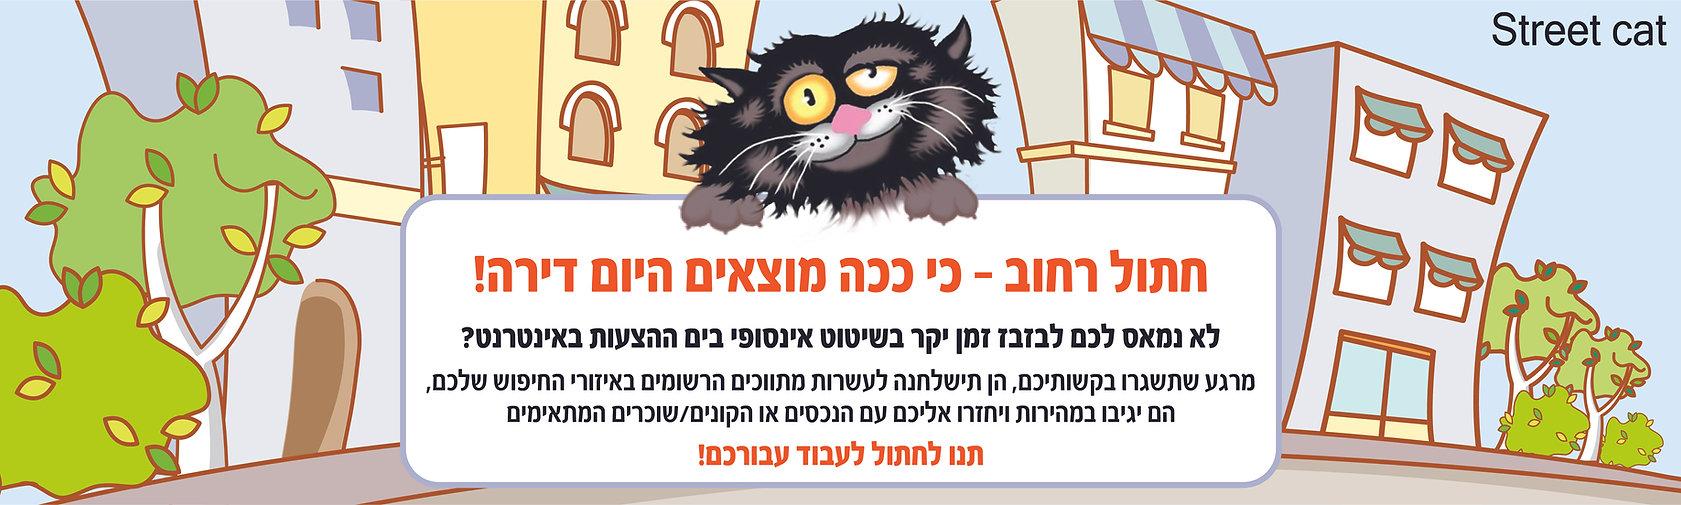 חתול רחוב - כי ככה מוצאים היום דירה!